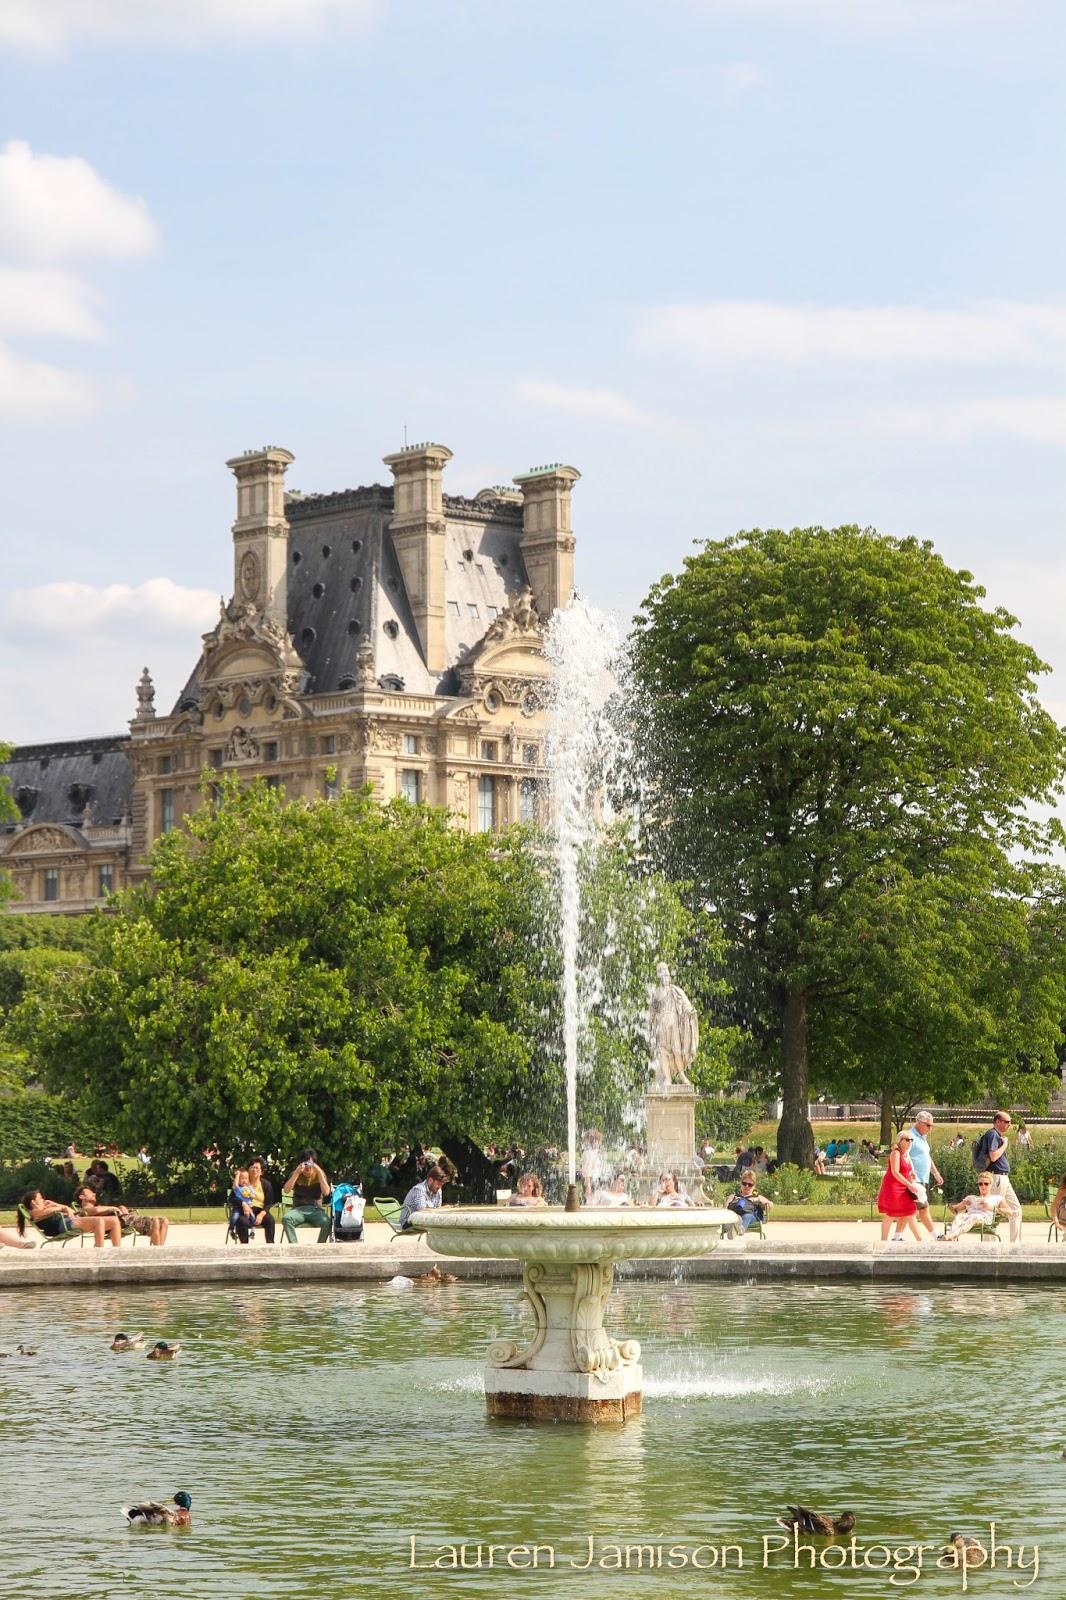 Blunk Family Euro Trip: Paris, France - Musée de l'Armée ...